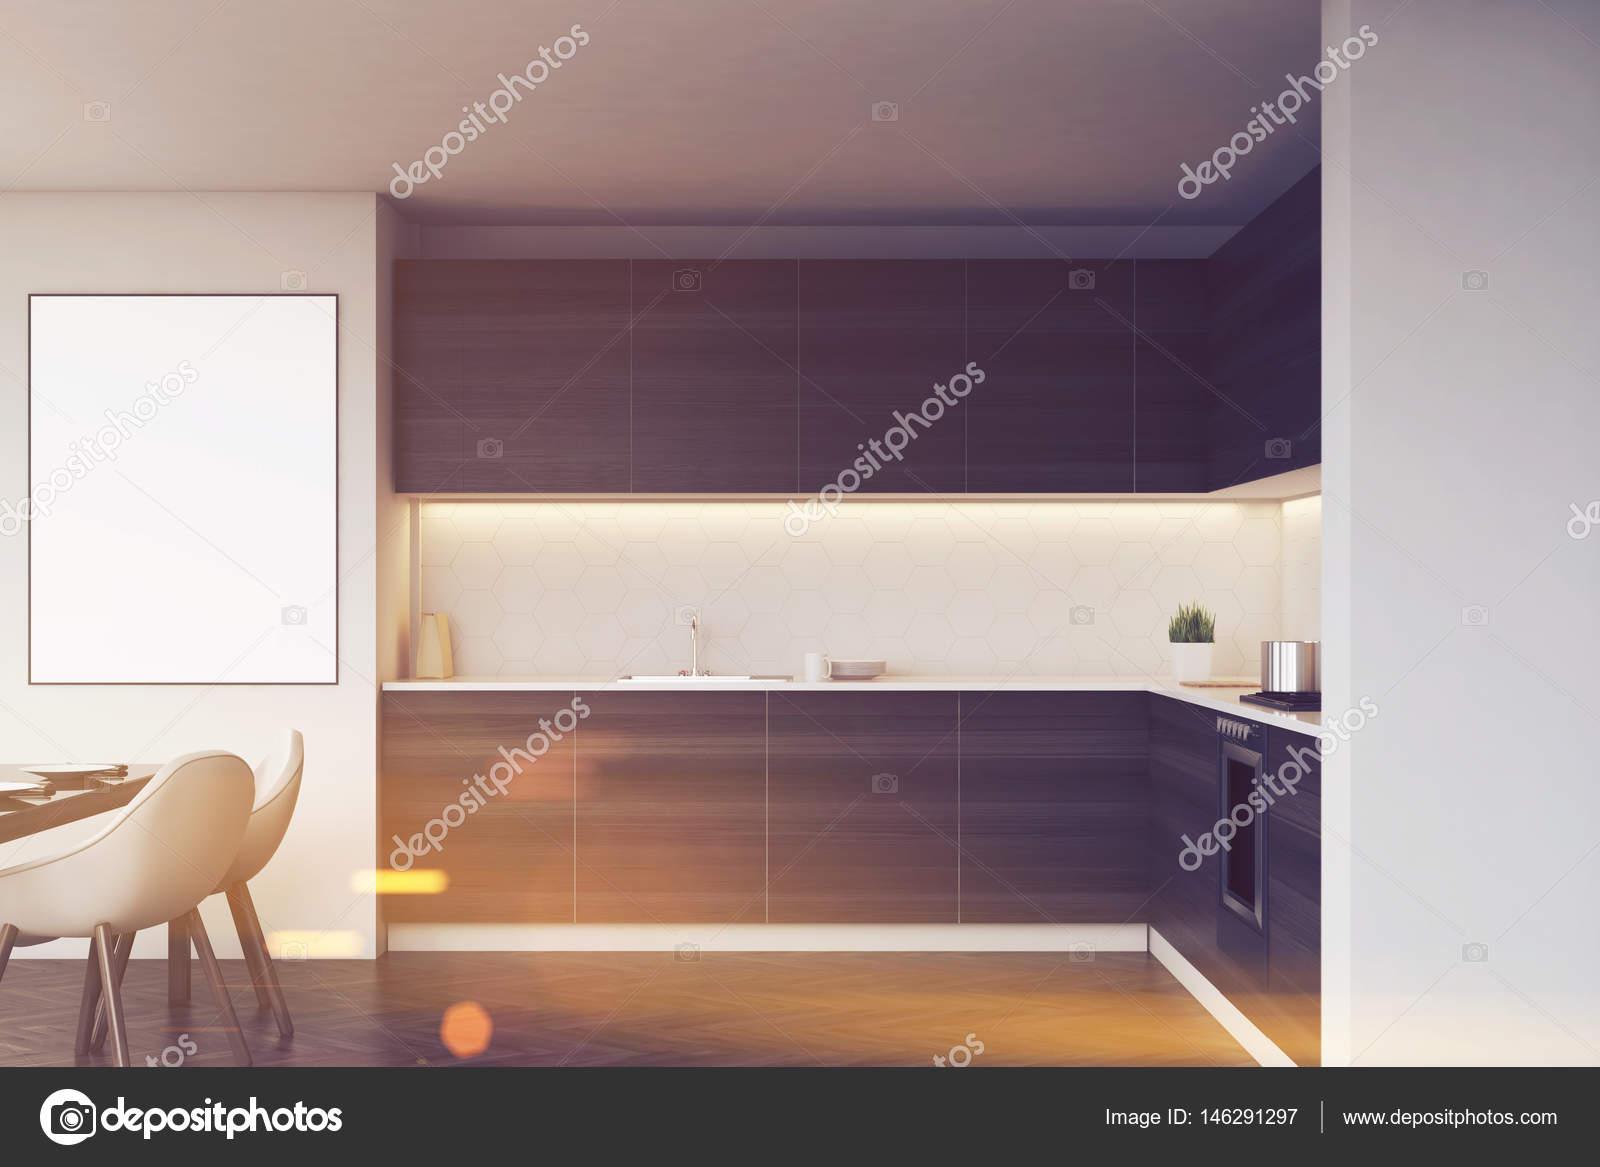 Dunkle Küchekostenzähler und einen Tisch, getönt — Stockfoto ...